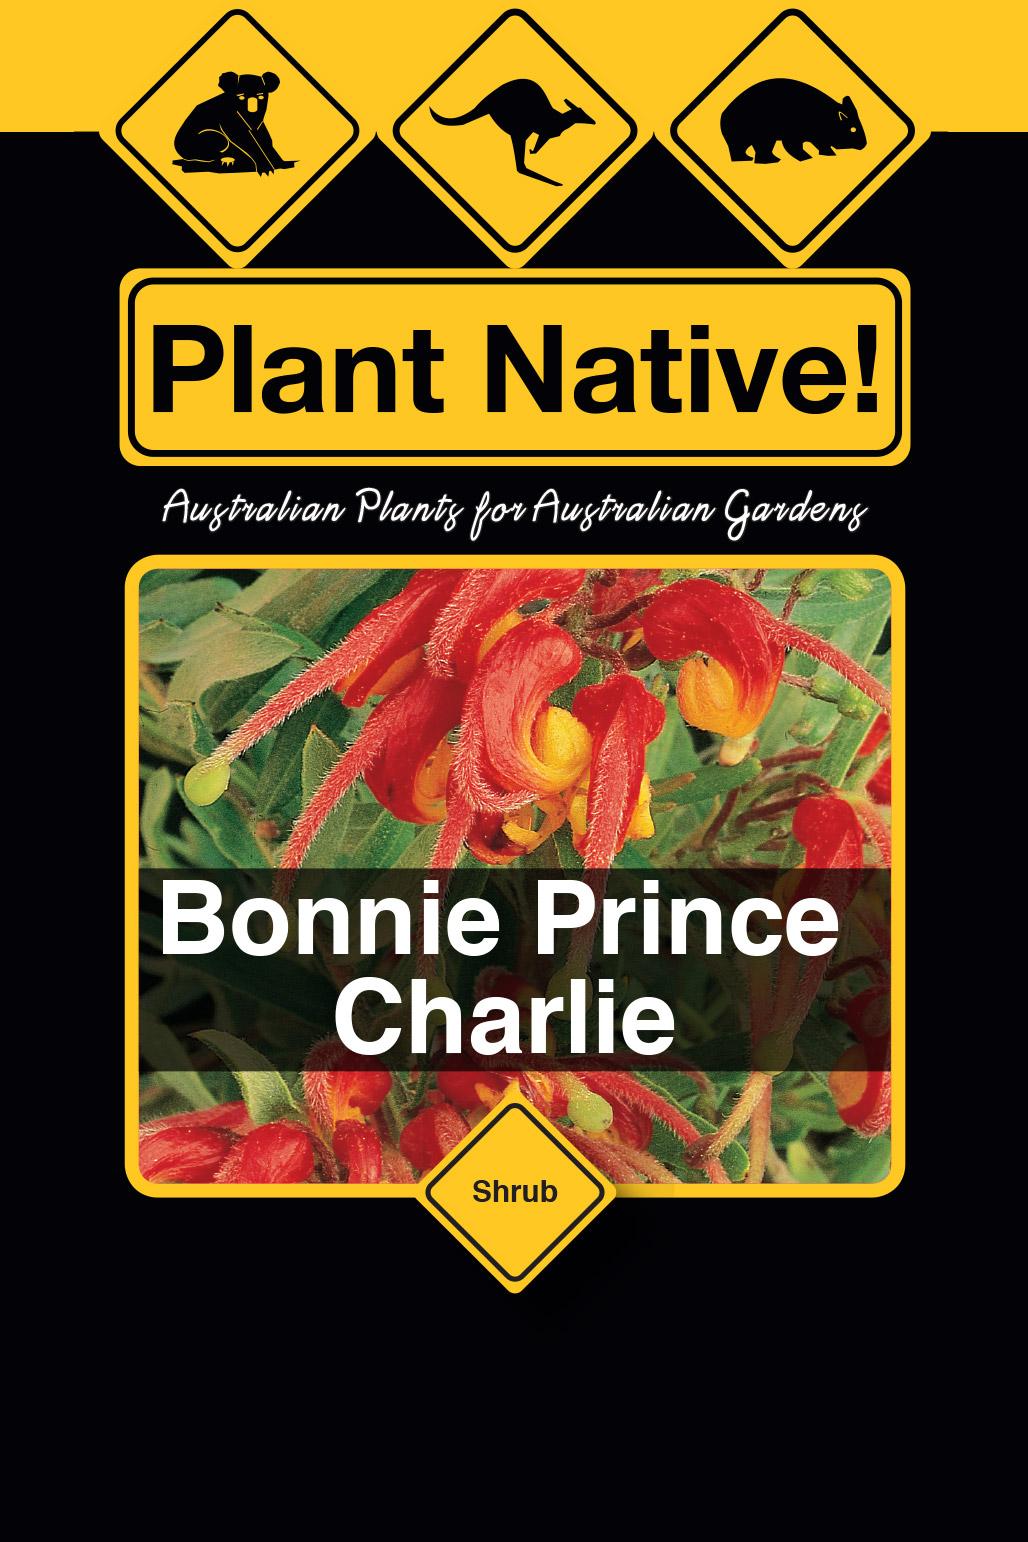 Bonnie Prince Charlie - Plant Native!